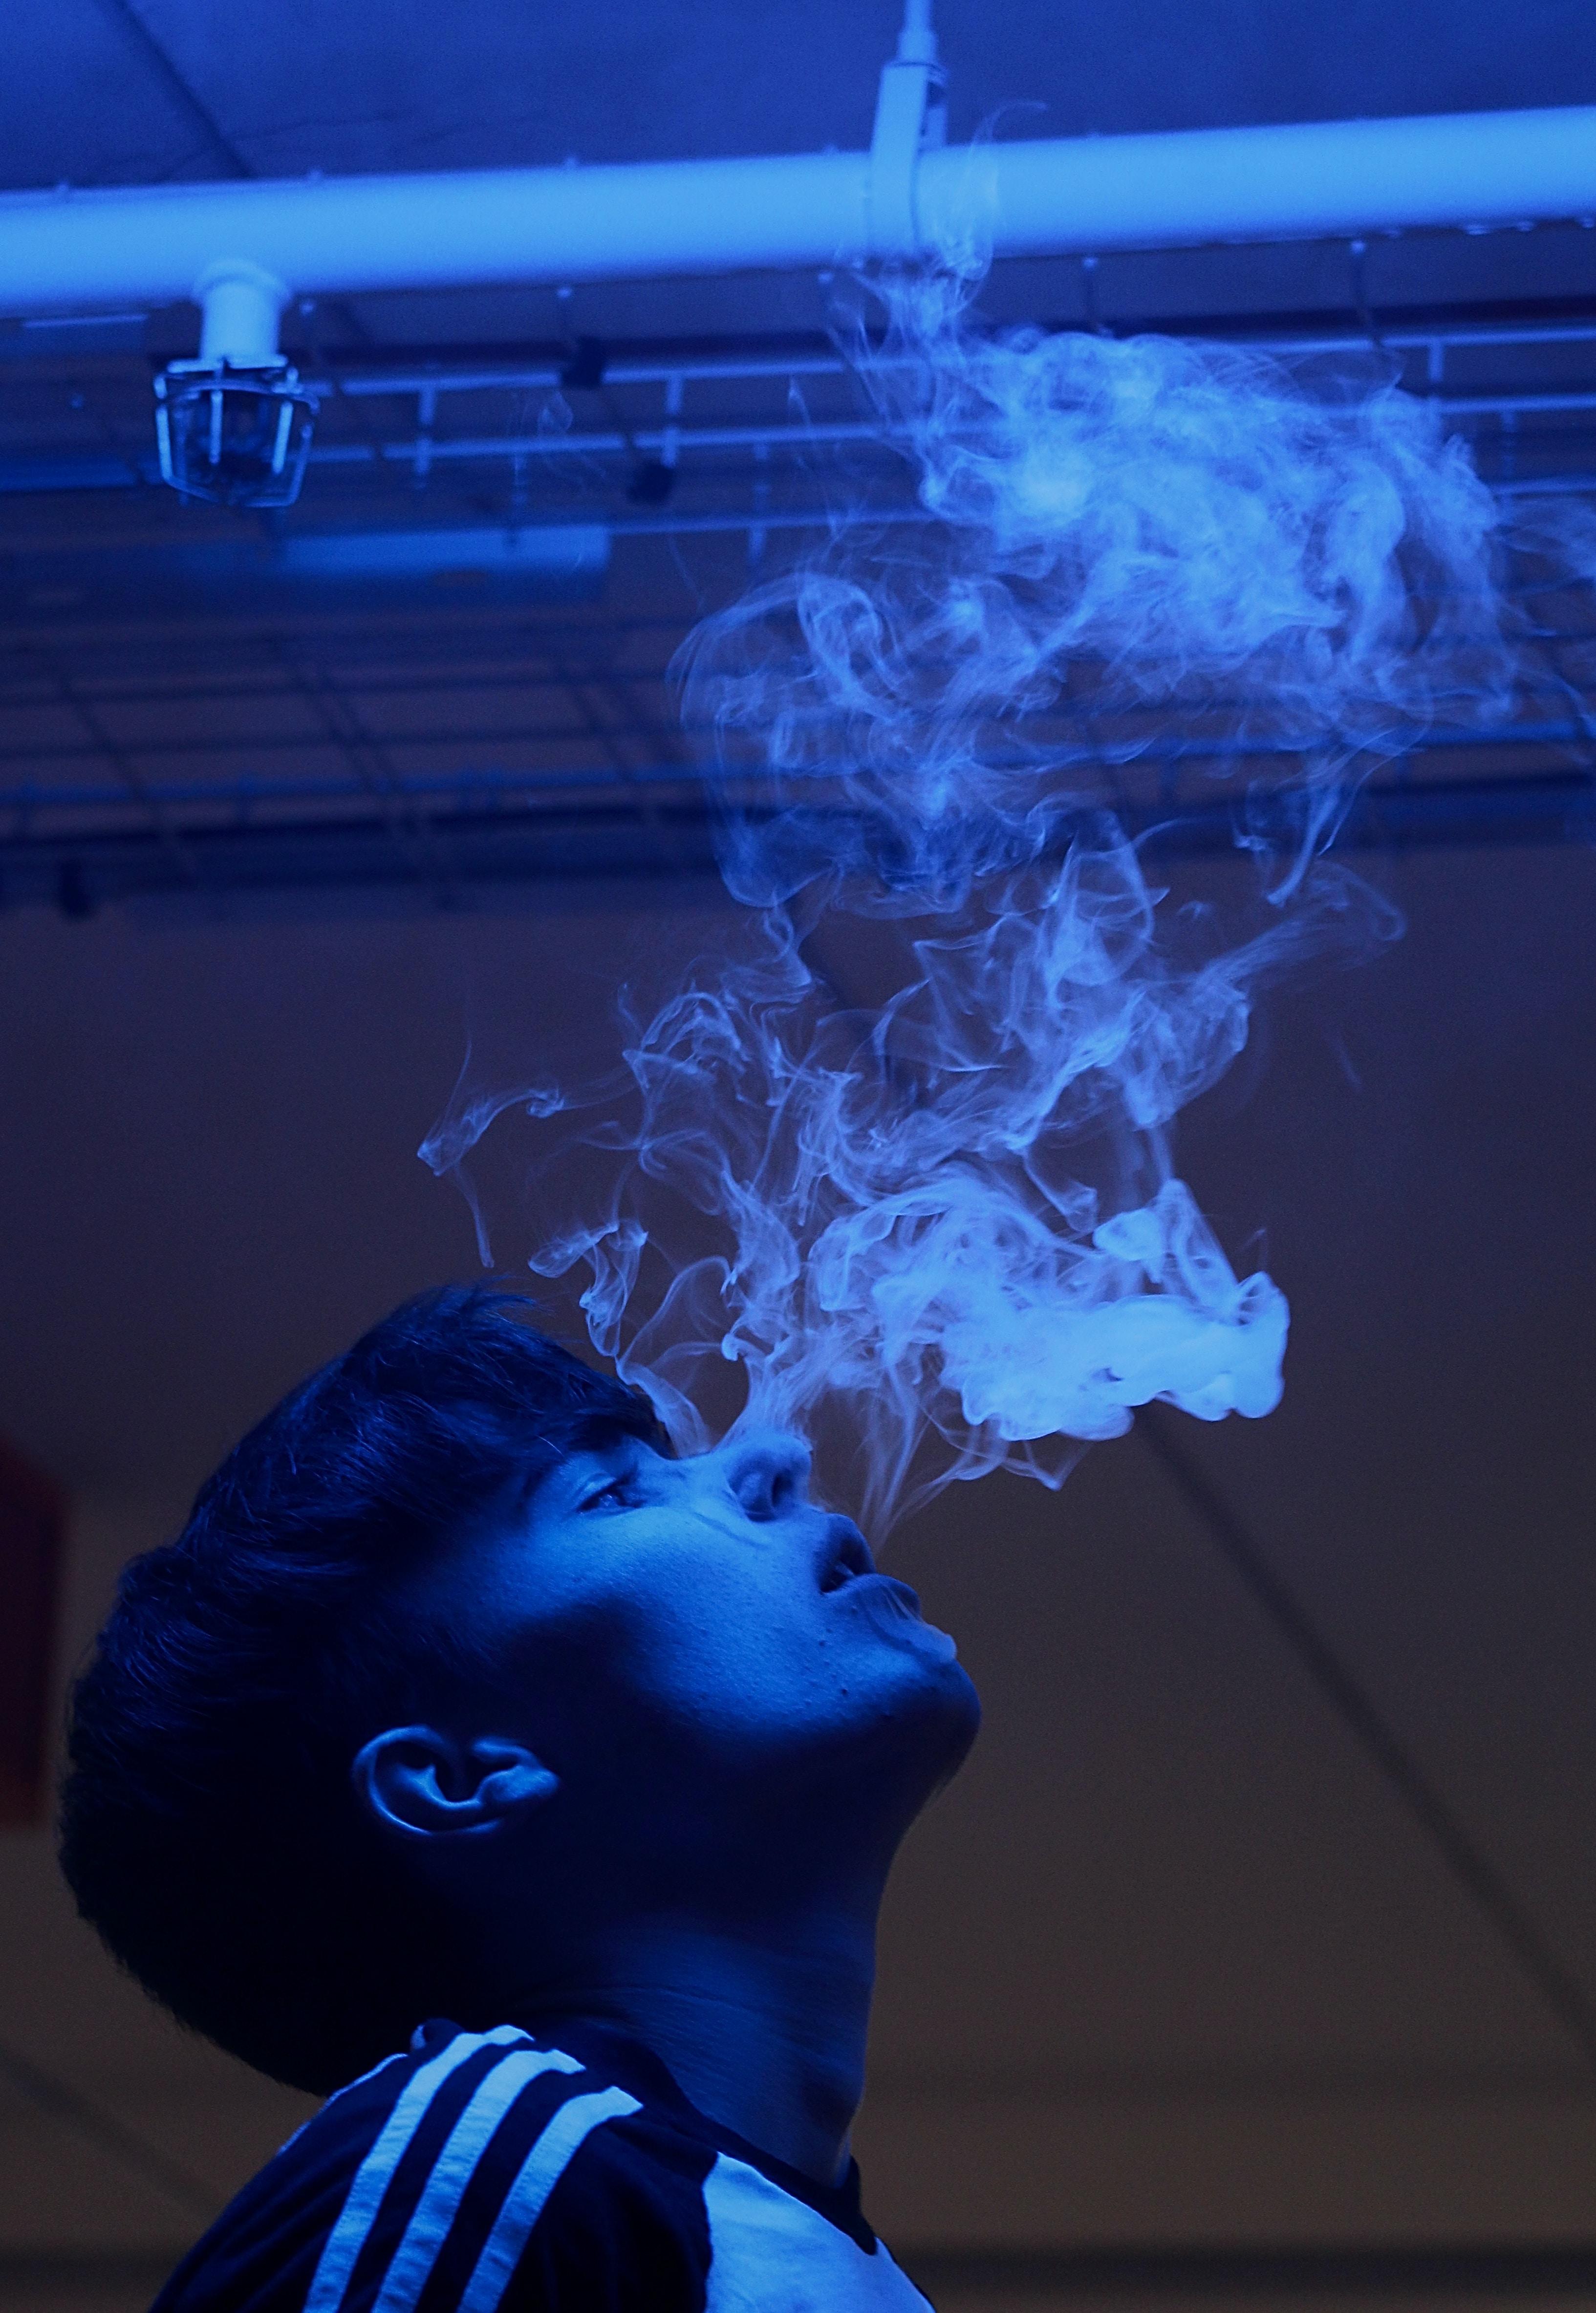 close-up photography of man smoking